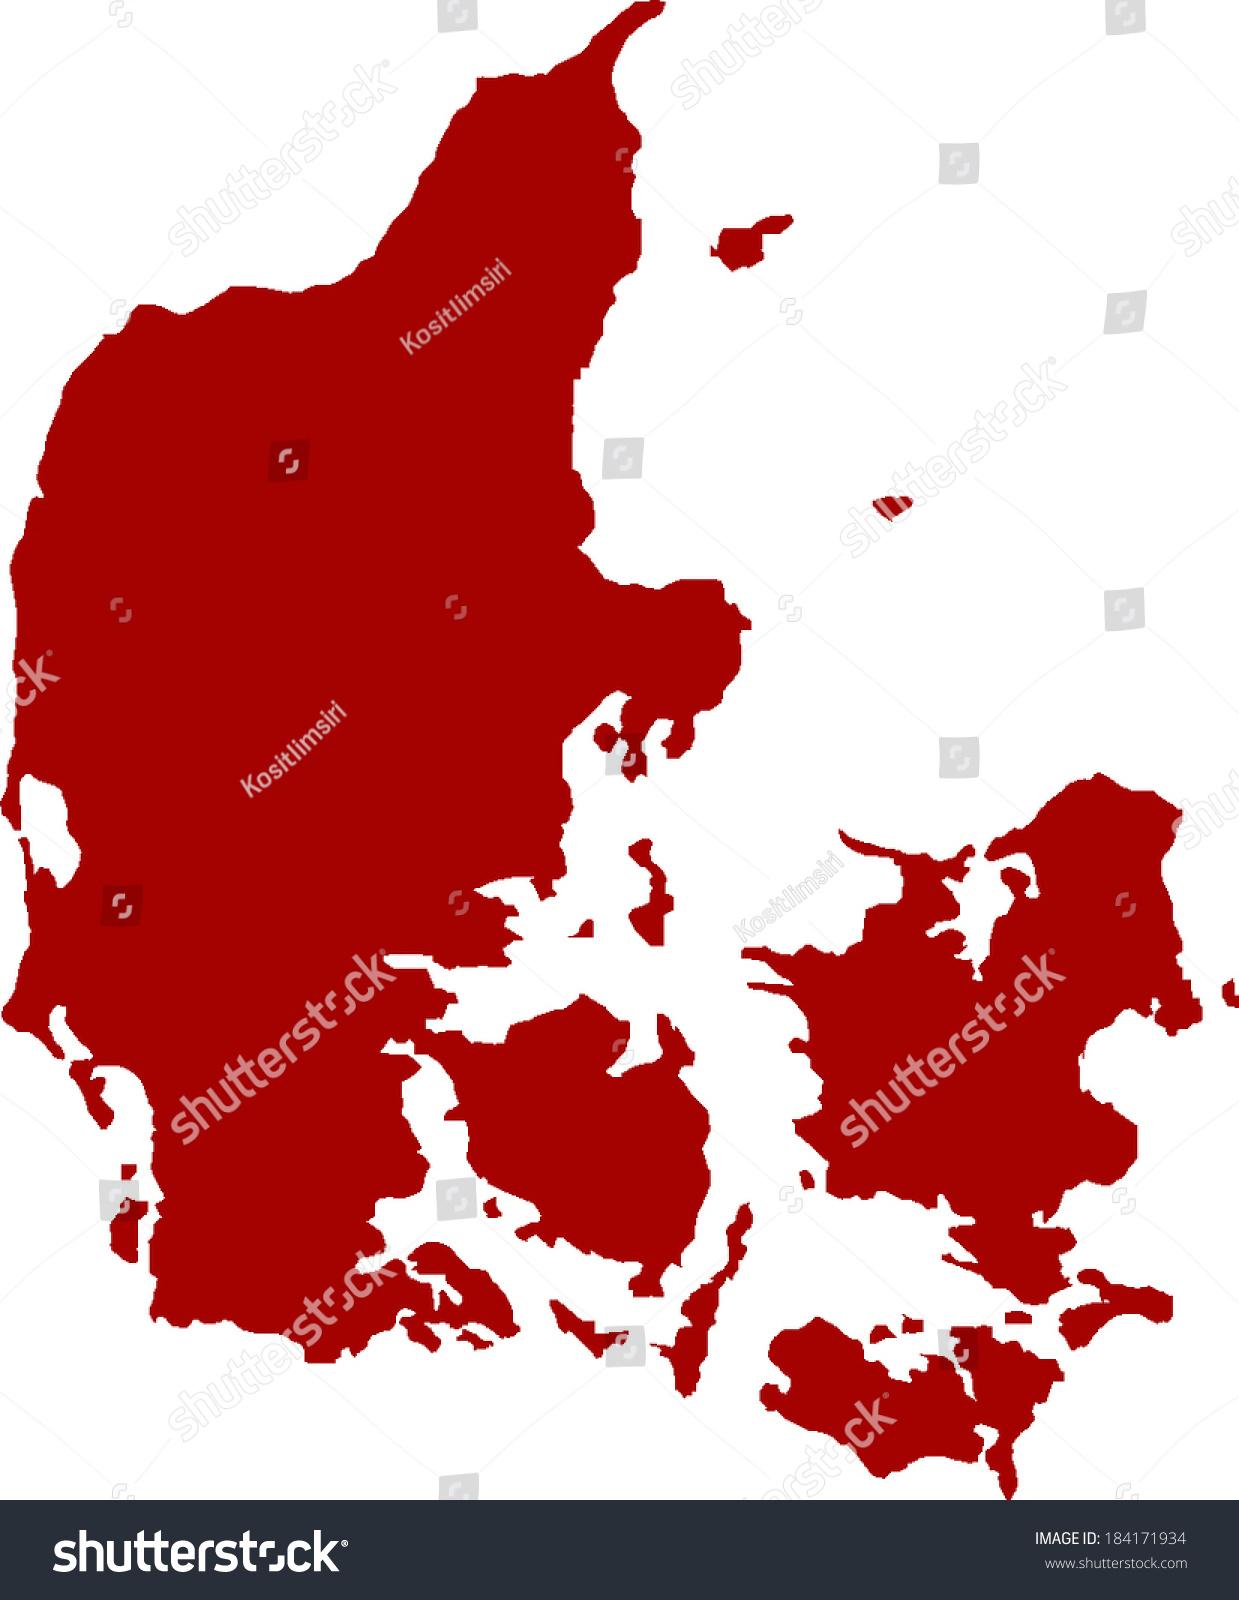 丹麦矢量地图-背景/素材